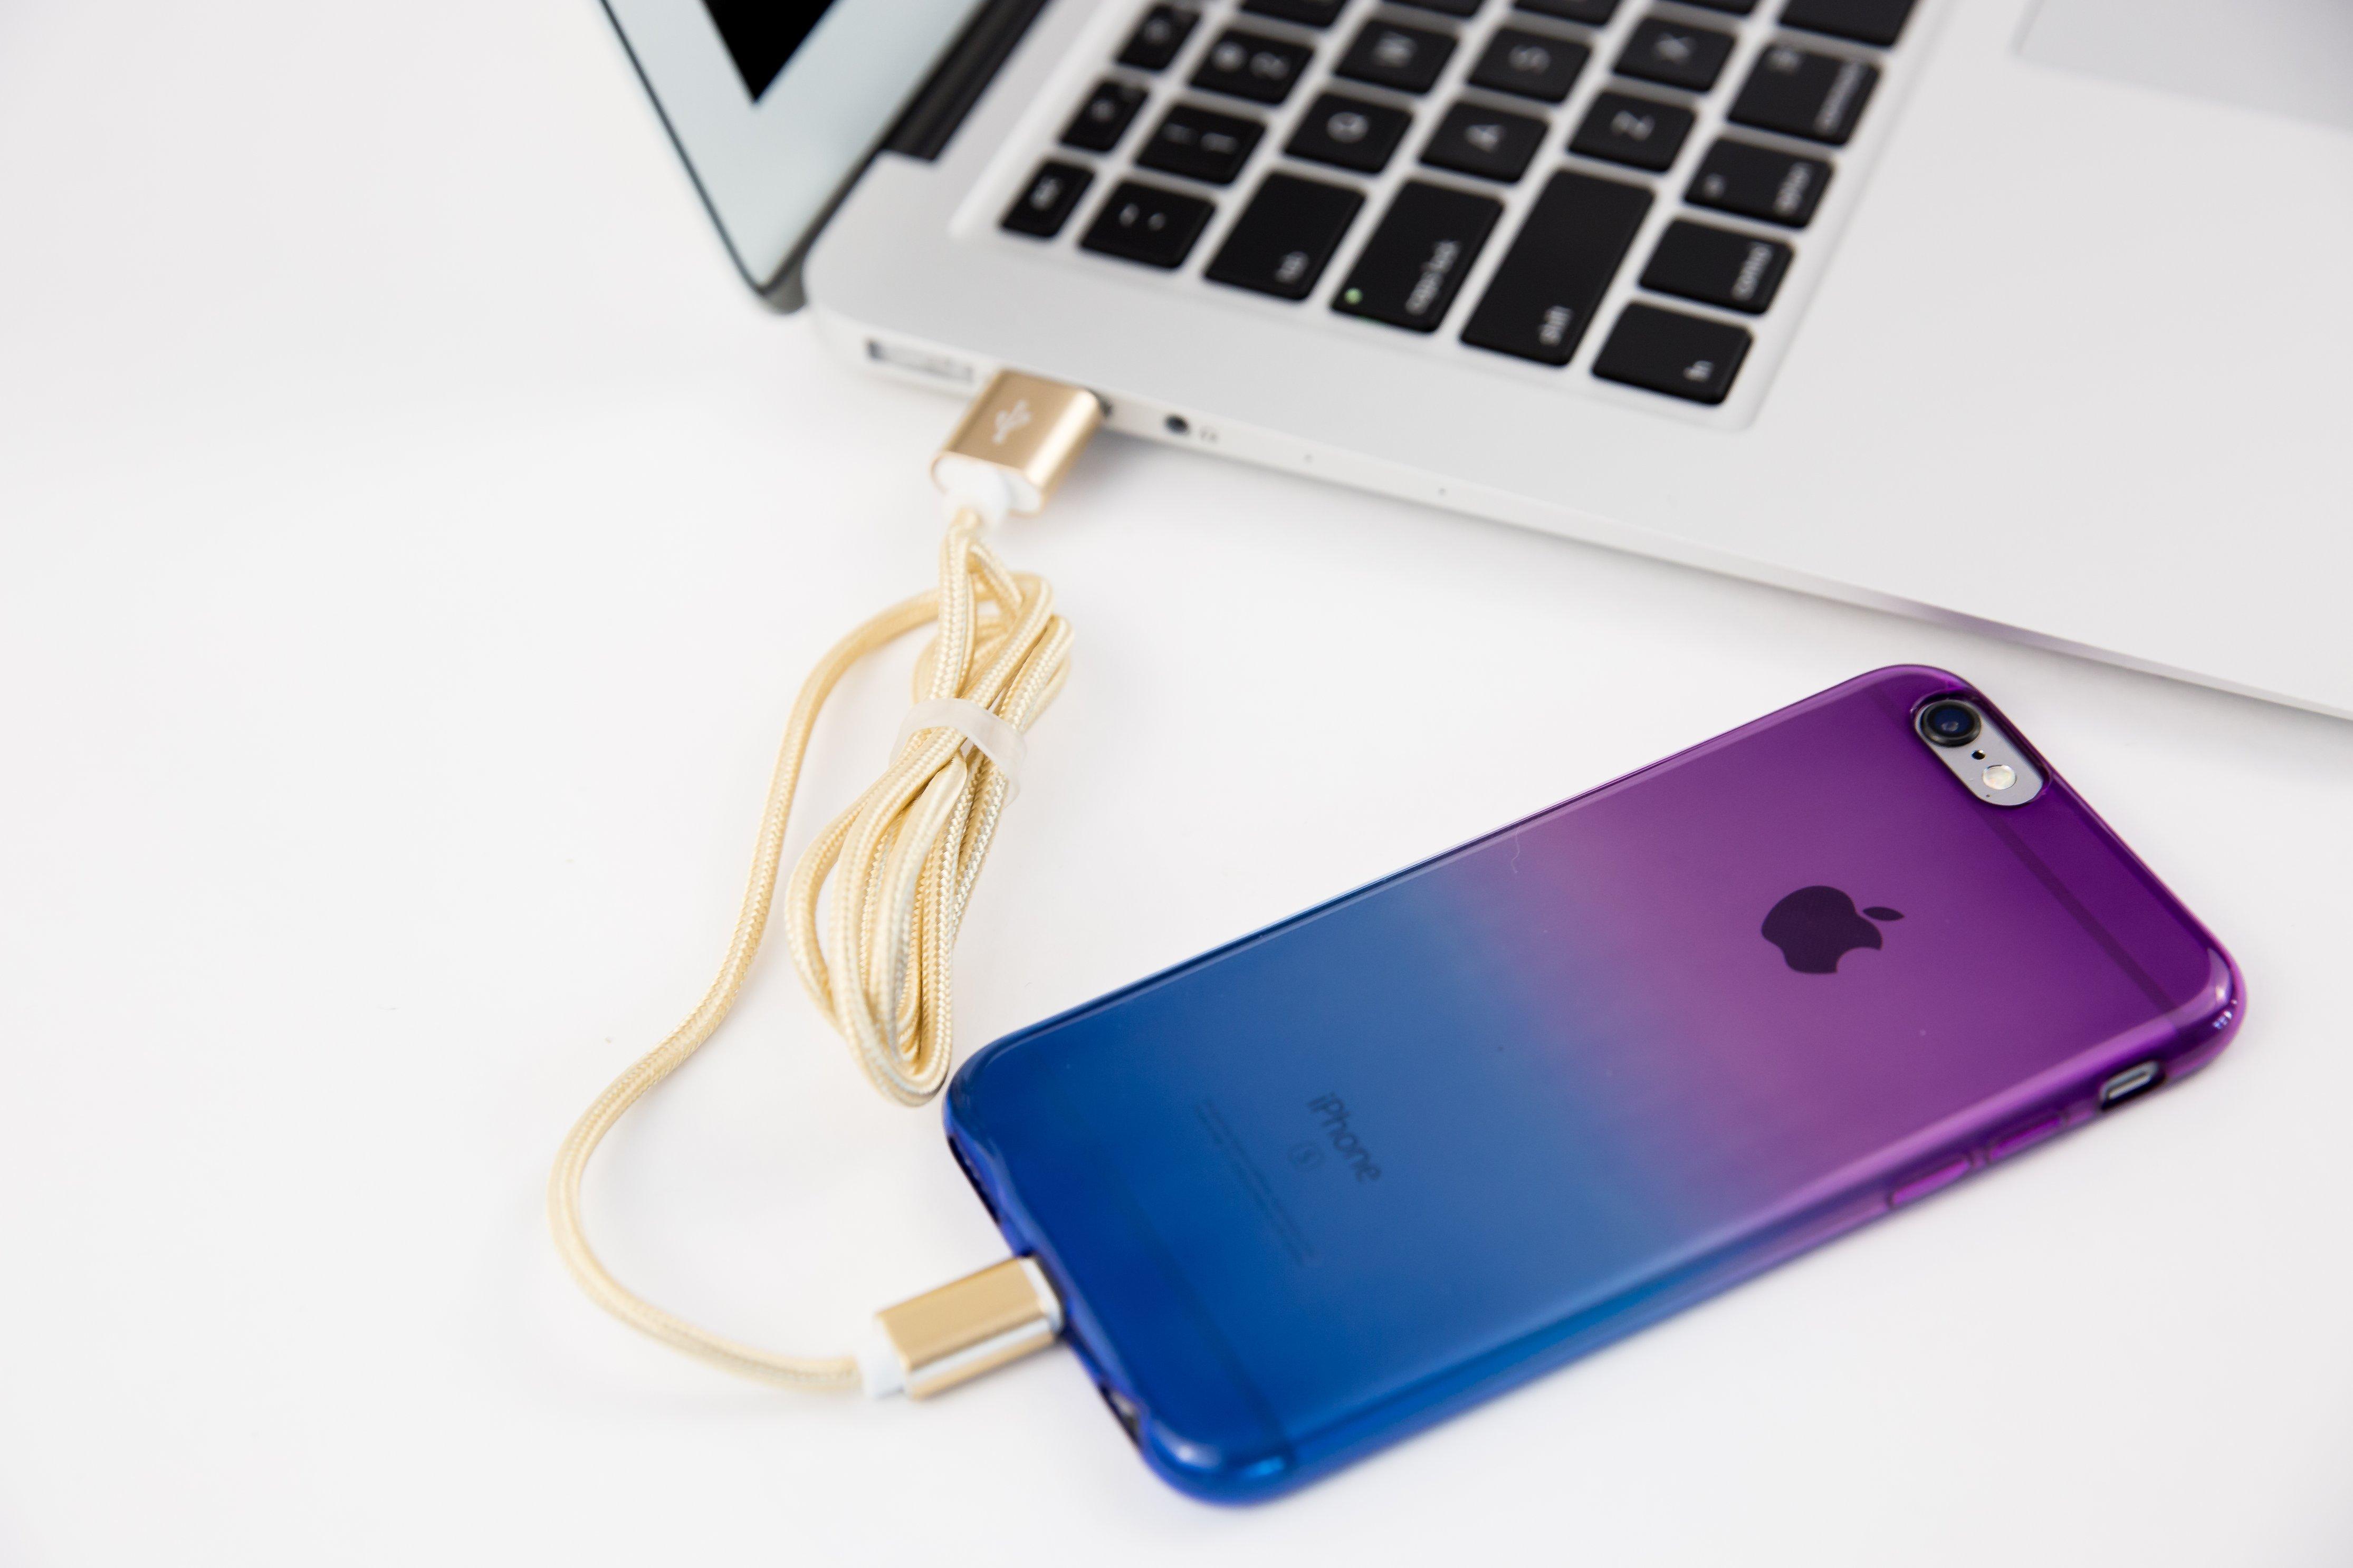 【必ず契約前に確認してね!】ワイモバイル(Y!mobile)のメリットとデメリットを格安SIMのプロが徹底解説!